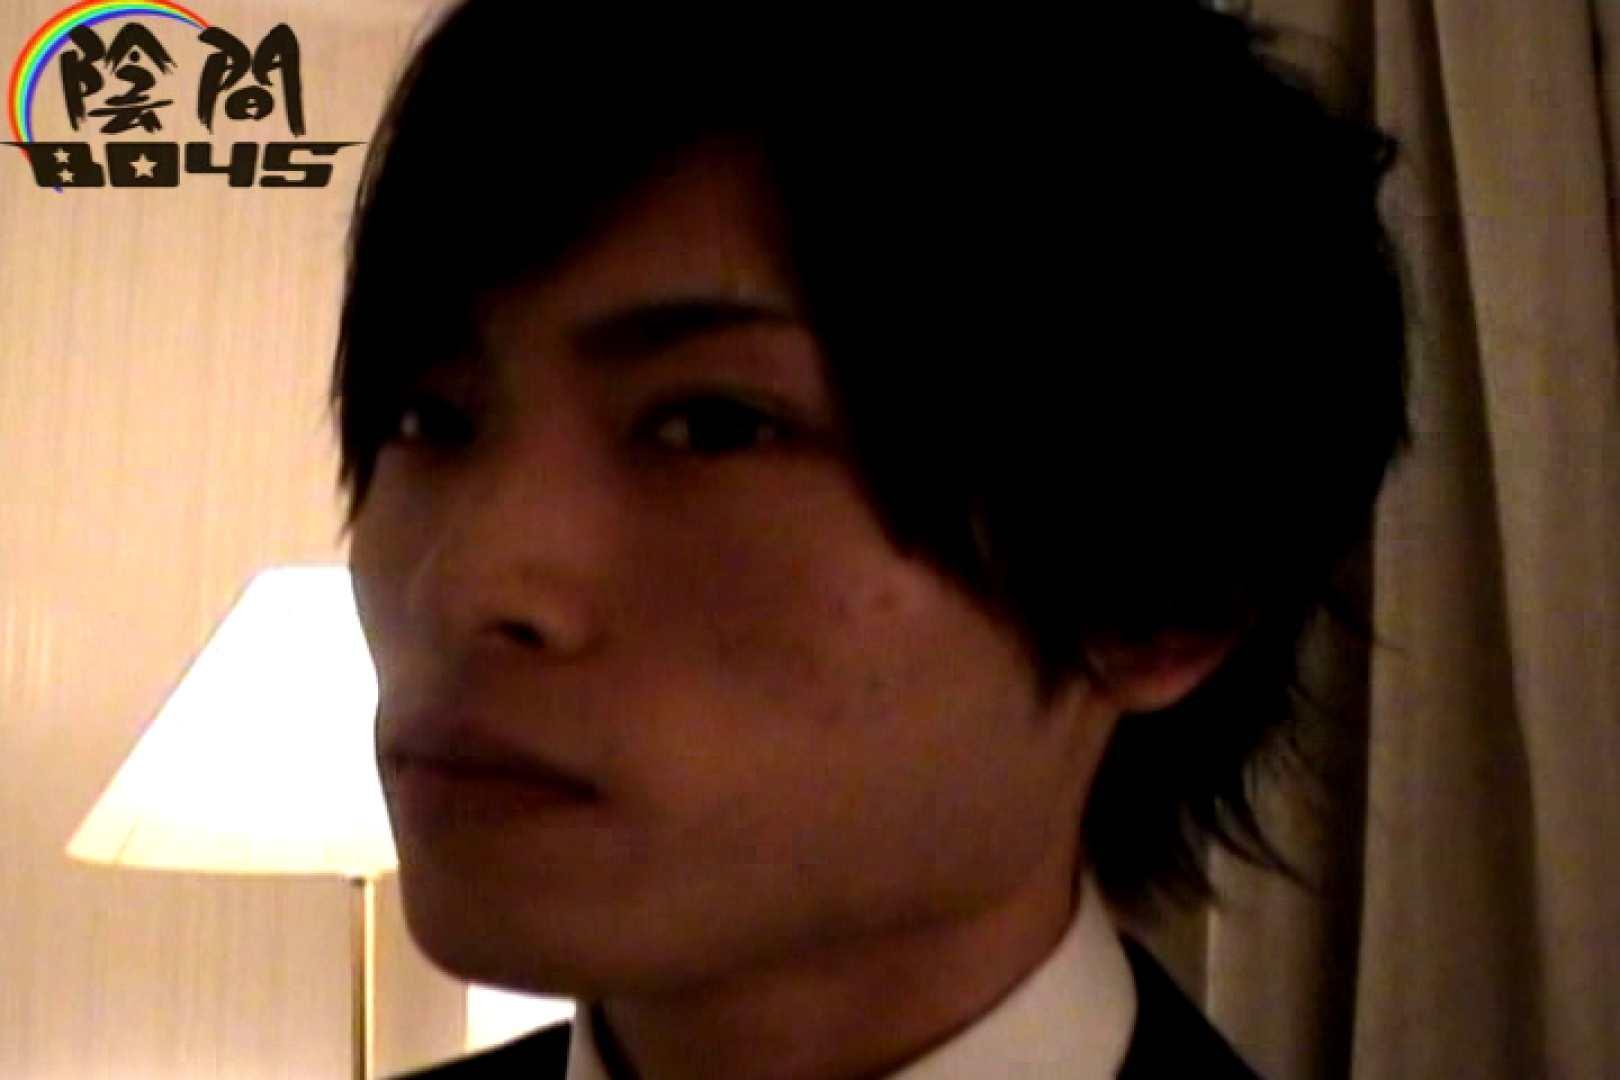 陰間BOYS~IKEMEN Interview~01  アナル  74pic 45